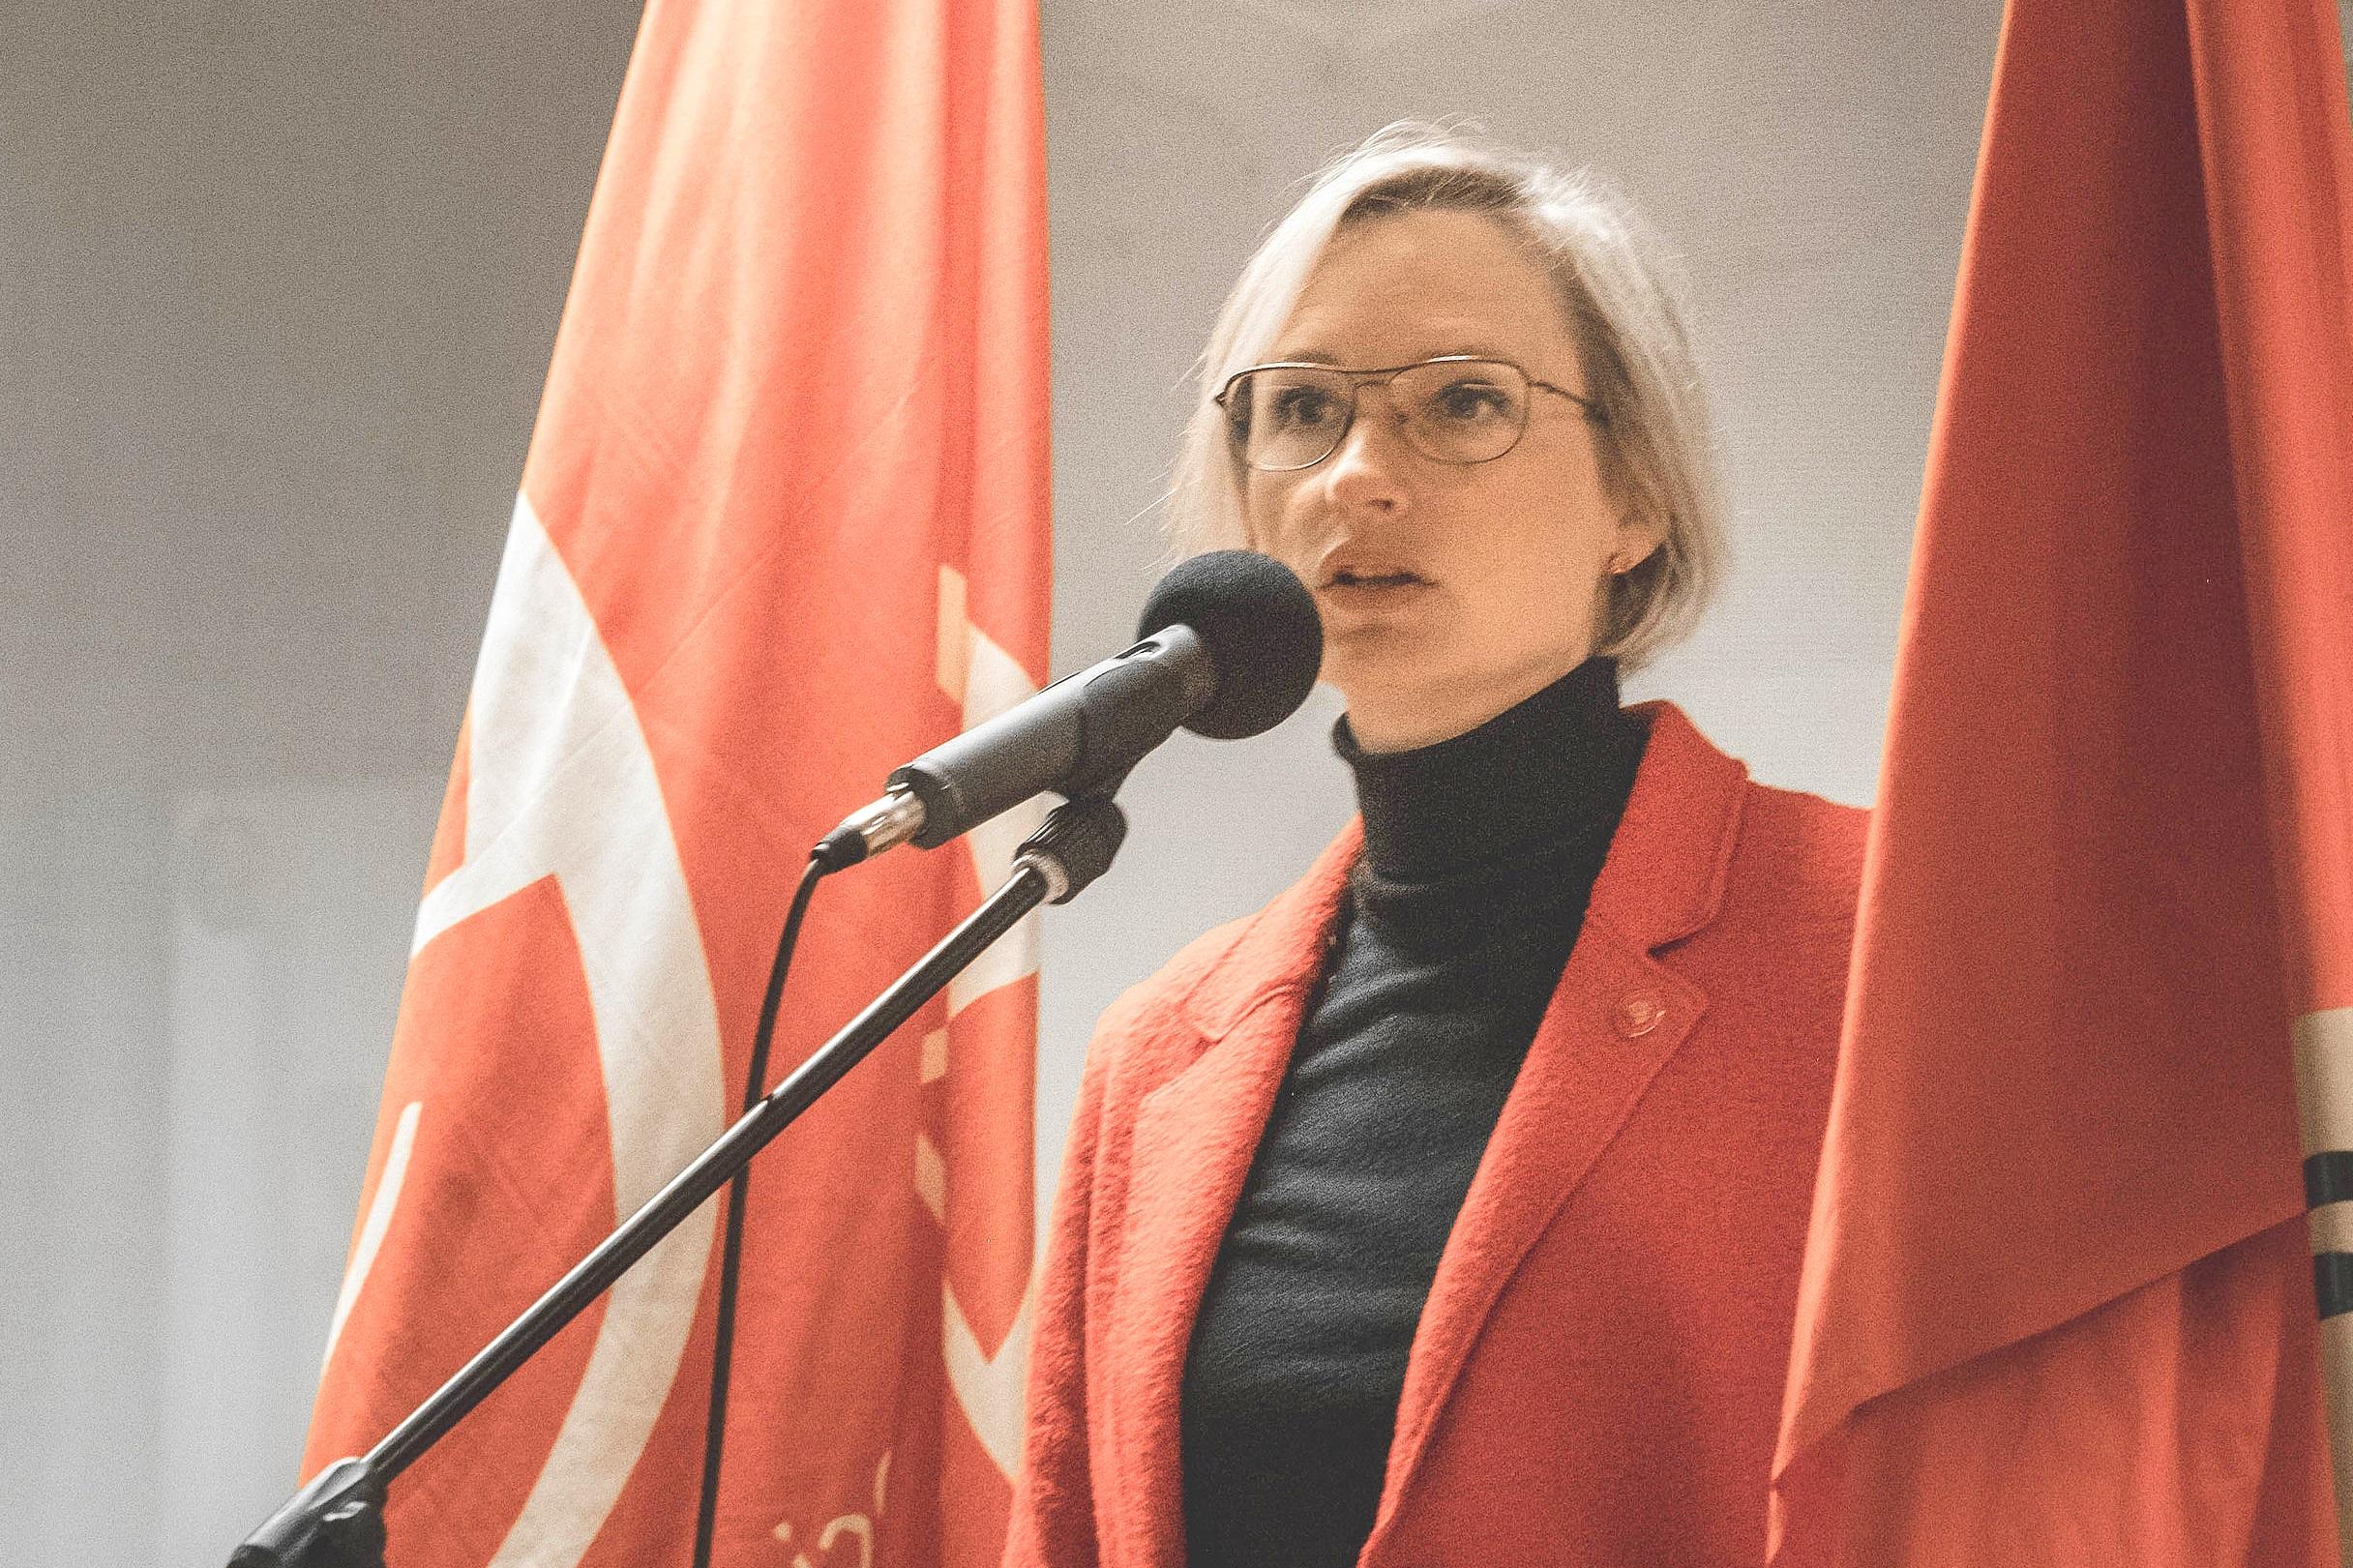 Riksdagsledamot Åsa Eriksson.